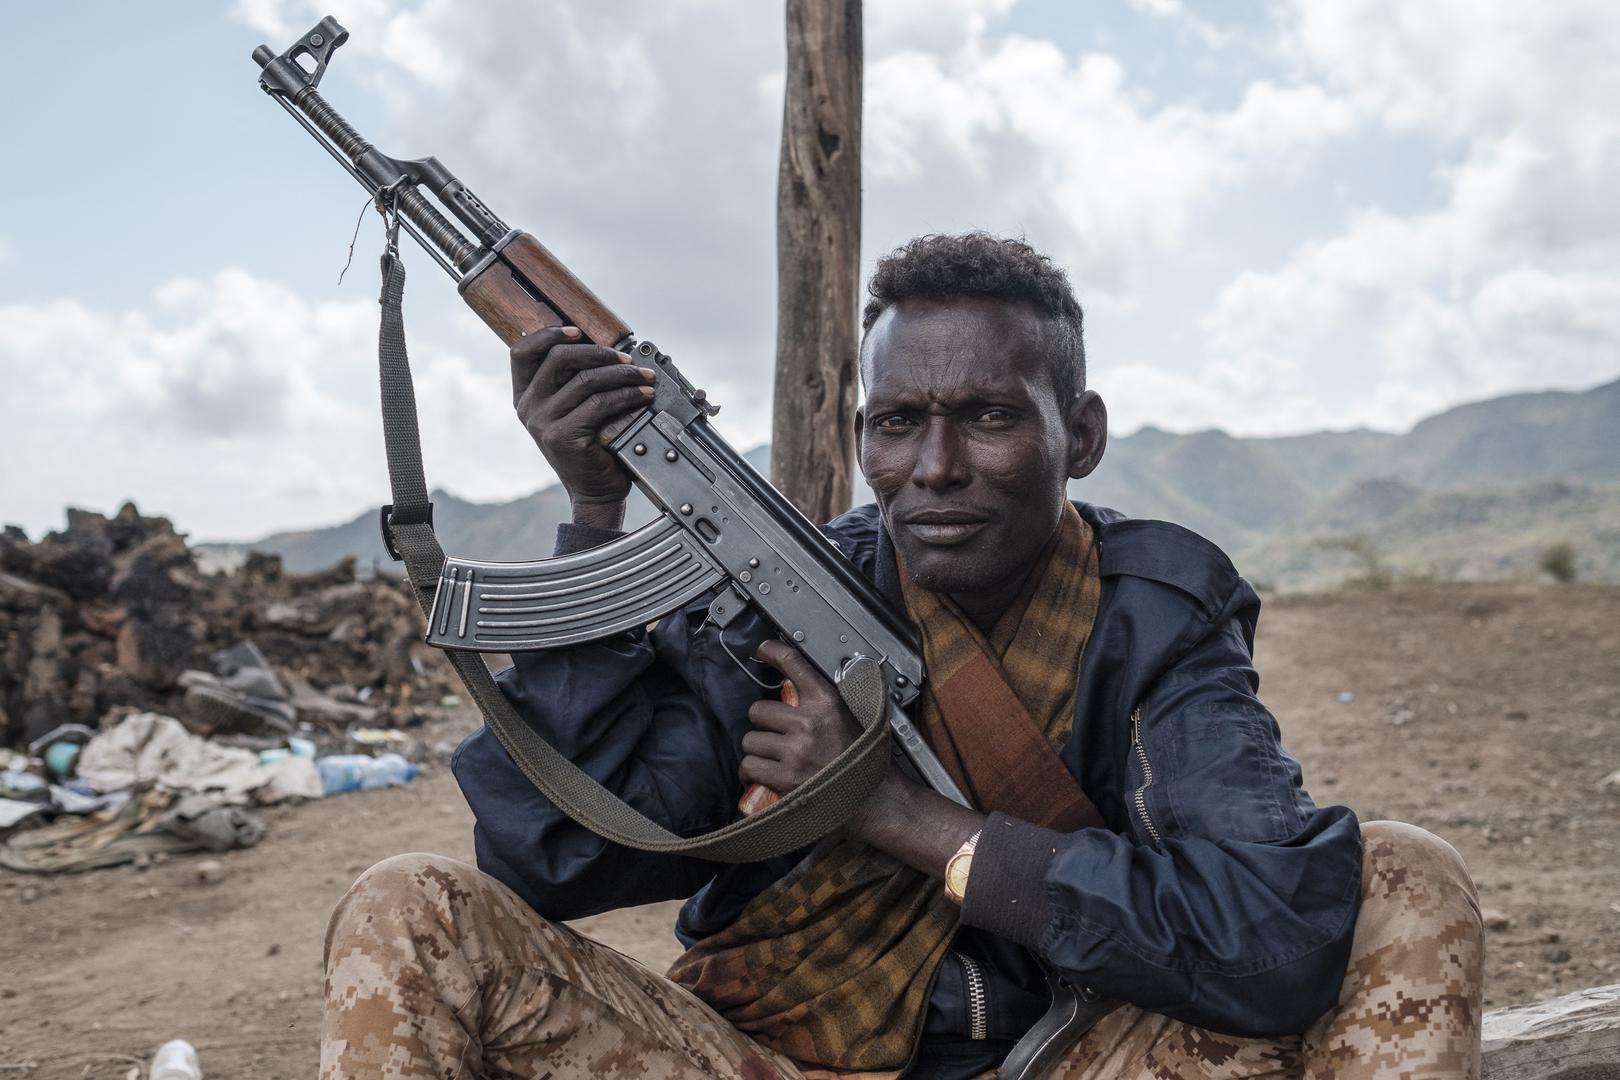 متحدث باسم قوات تيغراي: أجبرنا القوات الإثيوبية على الانسحاب من ميكيلي